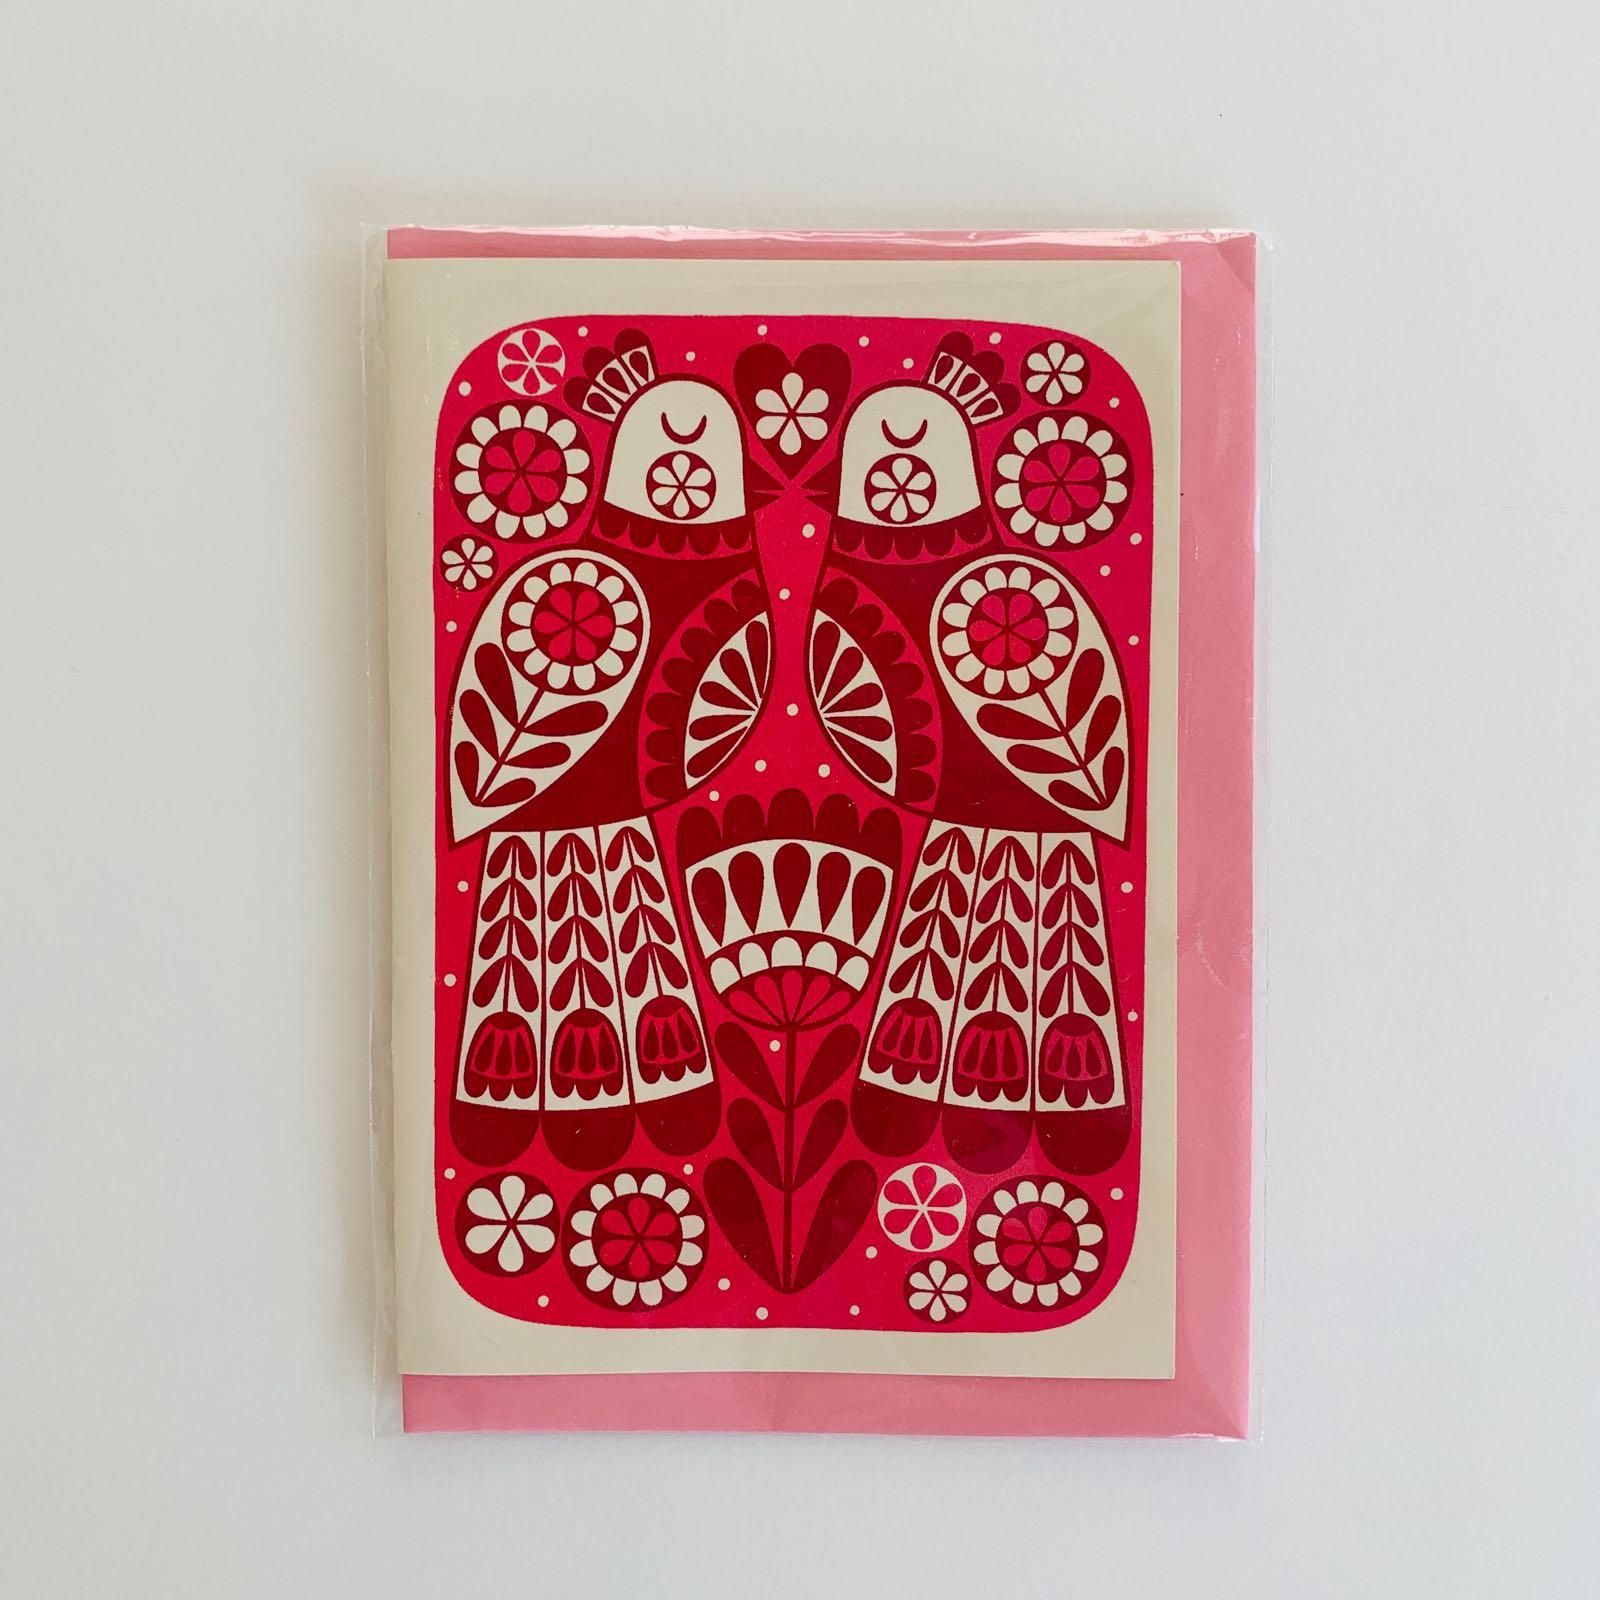 Karoline Rerrie - Lovebirds Screenprinted Greeting Card (Pink)